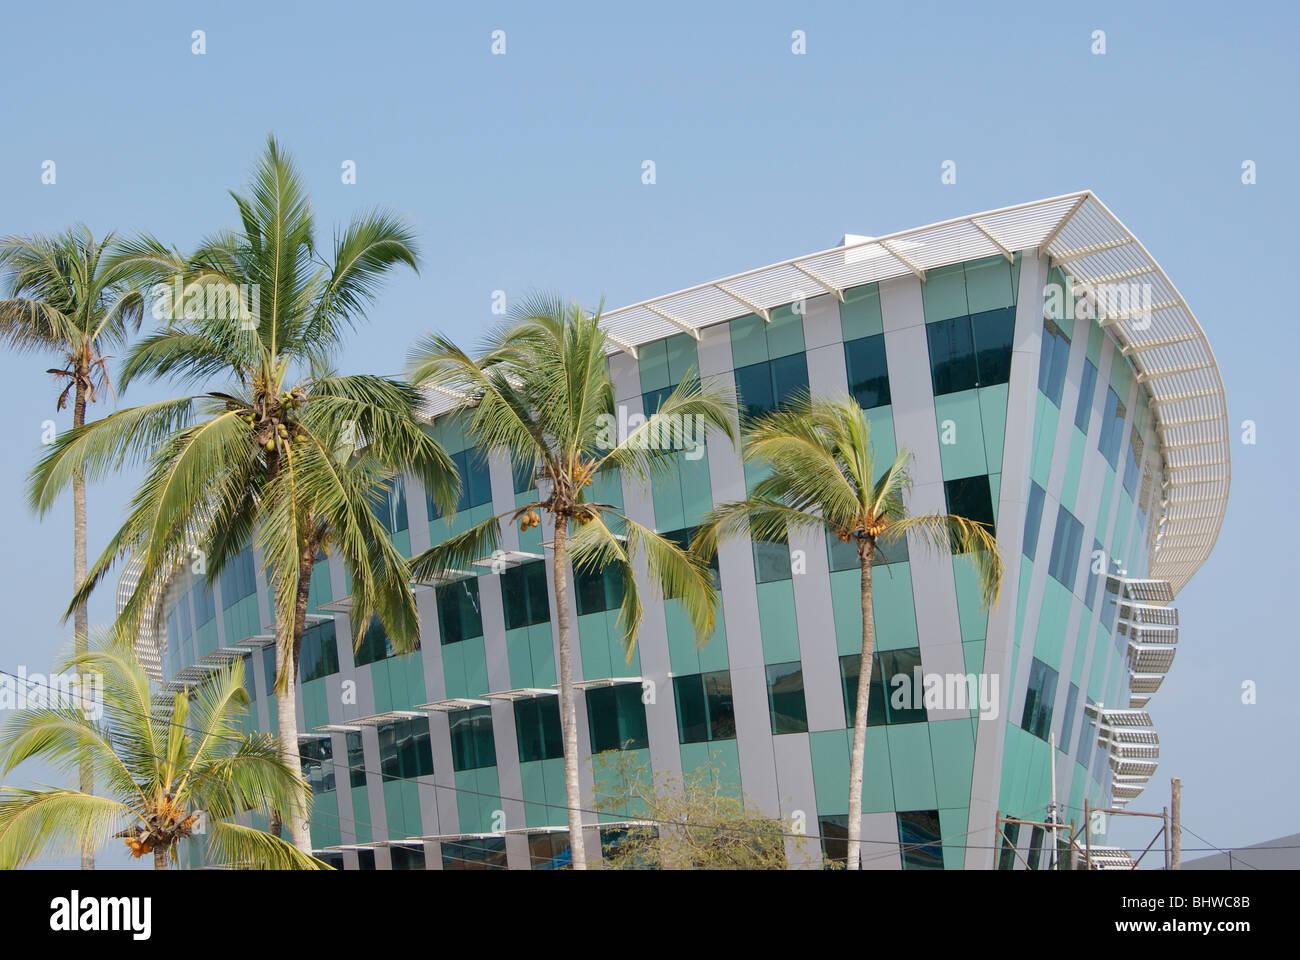 A forma di nave elevato aumento Infosys esso edificio del campus in Kerala.Scena di Infosys campus in Kerala, India Immagini Stock